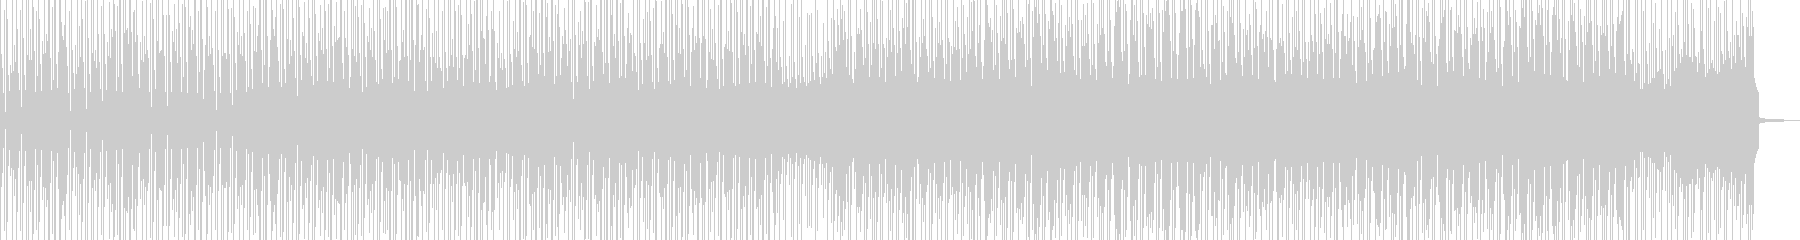 徐々に賑わう動画に・2部構成ポップス Cの未再生の波形